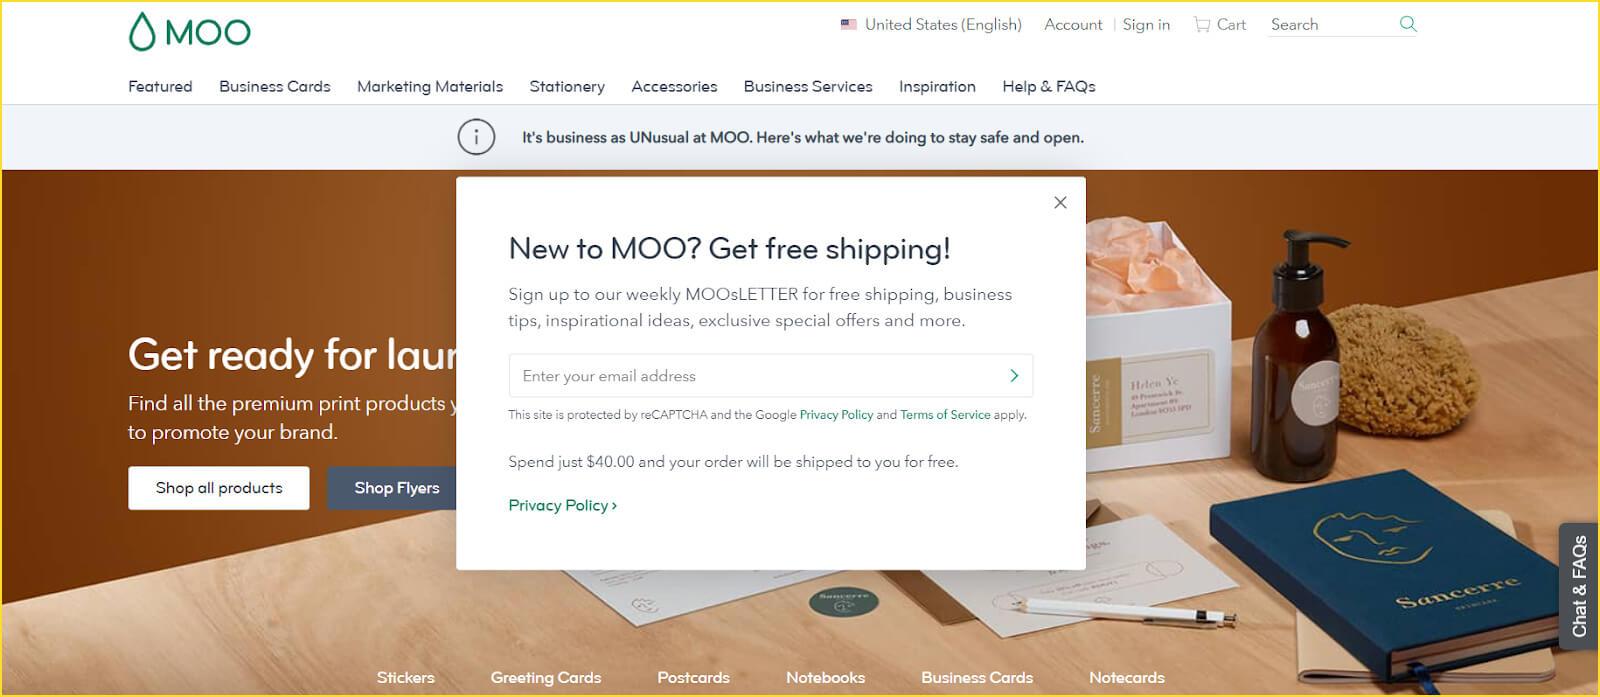 moo landing page